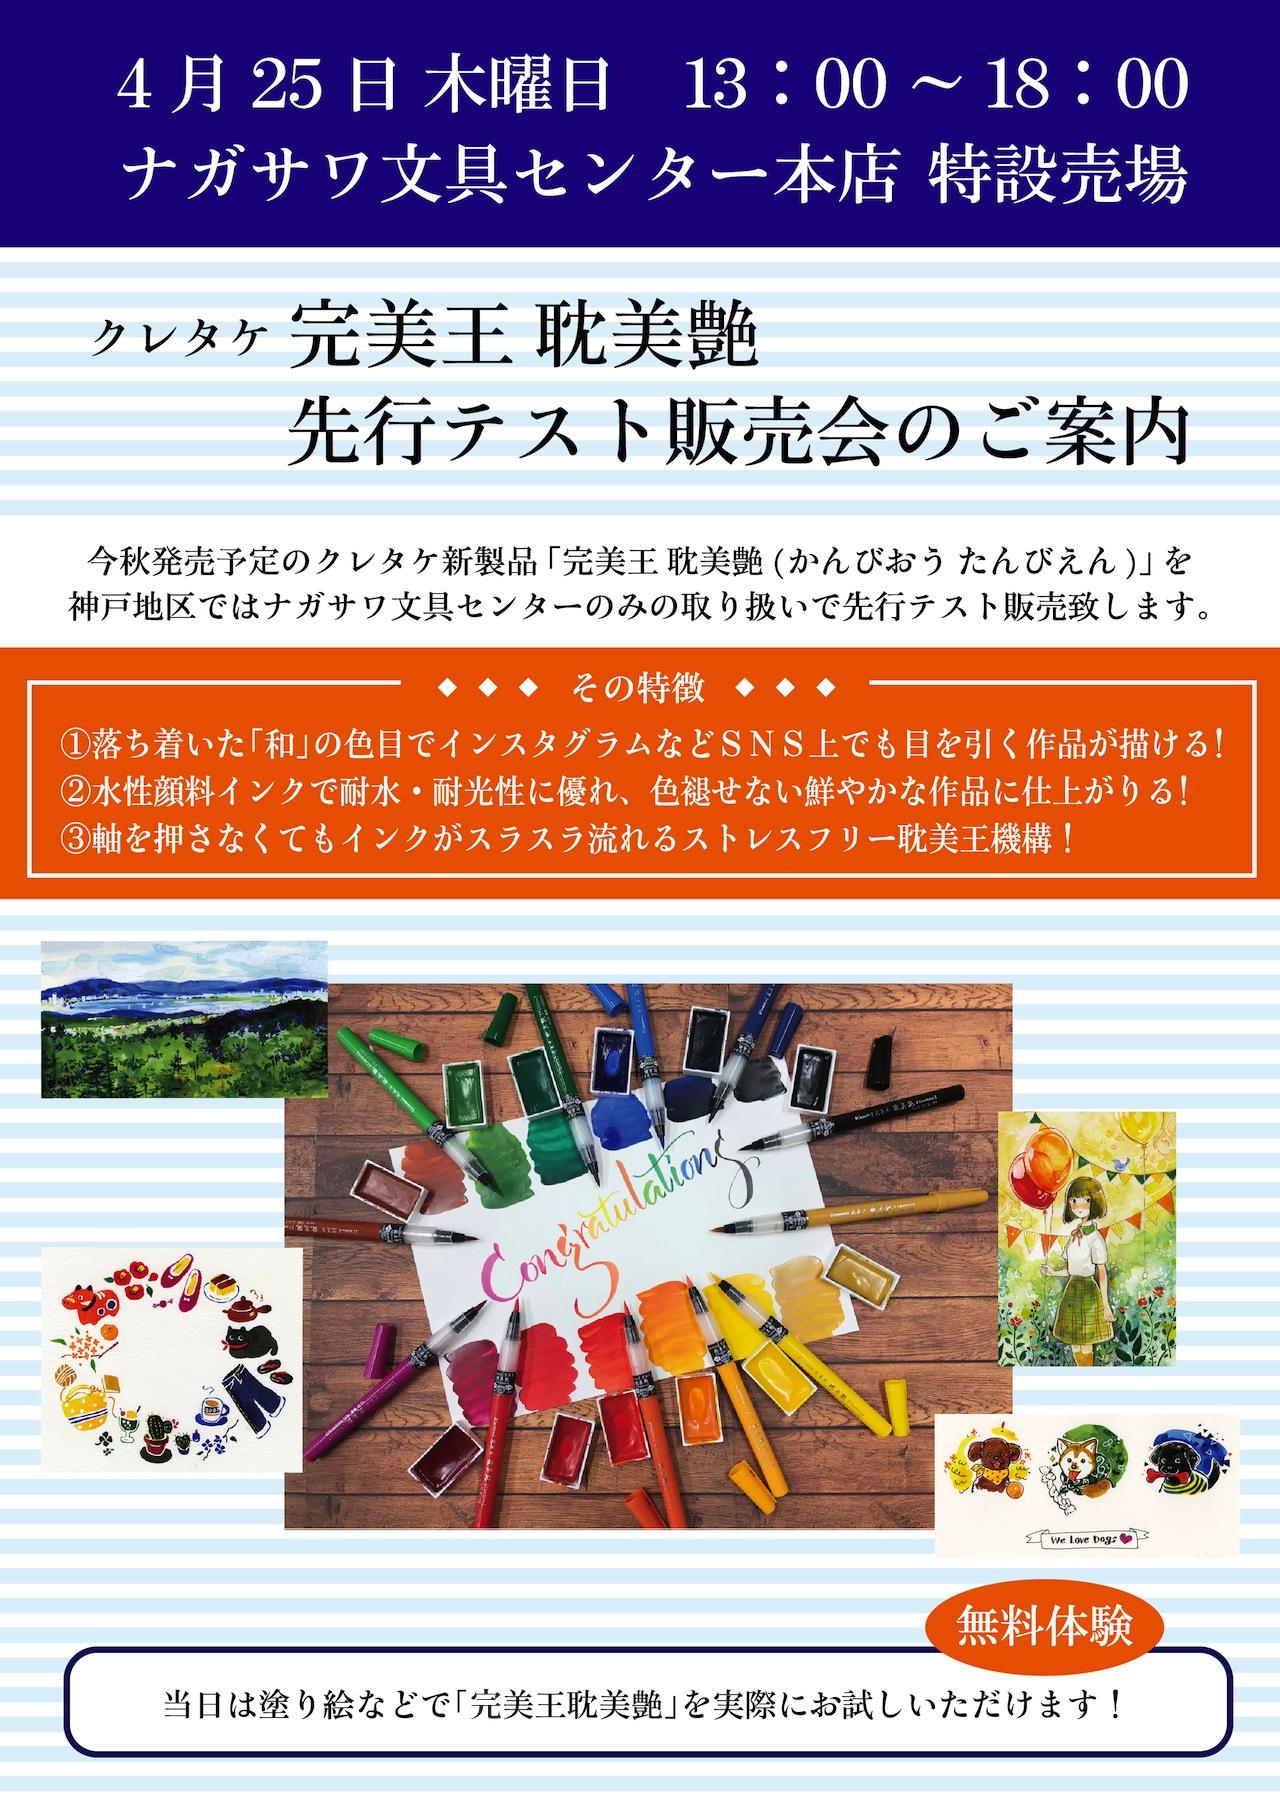 【本店】今秋発売予定『クレタケ新製品』の先行テスト販売会を開催いたします!